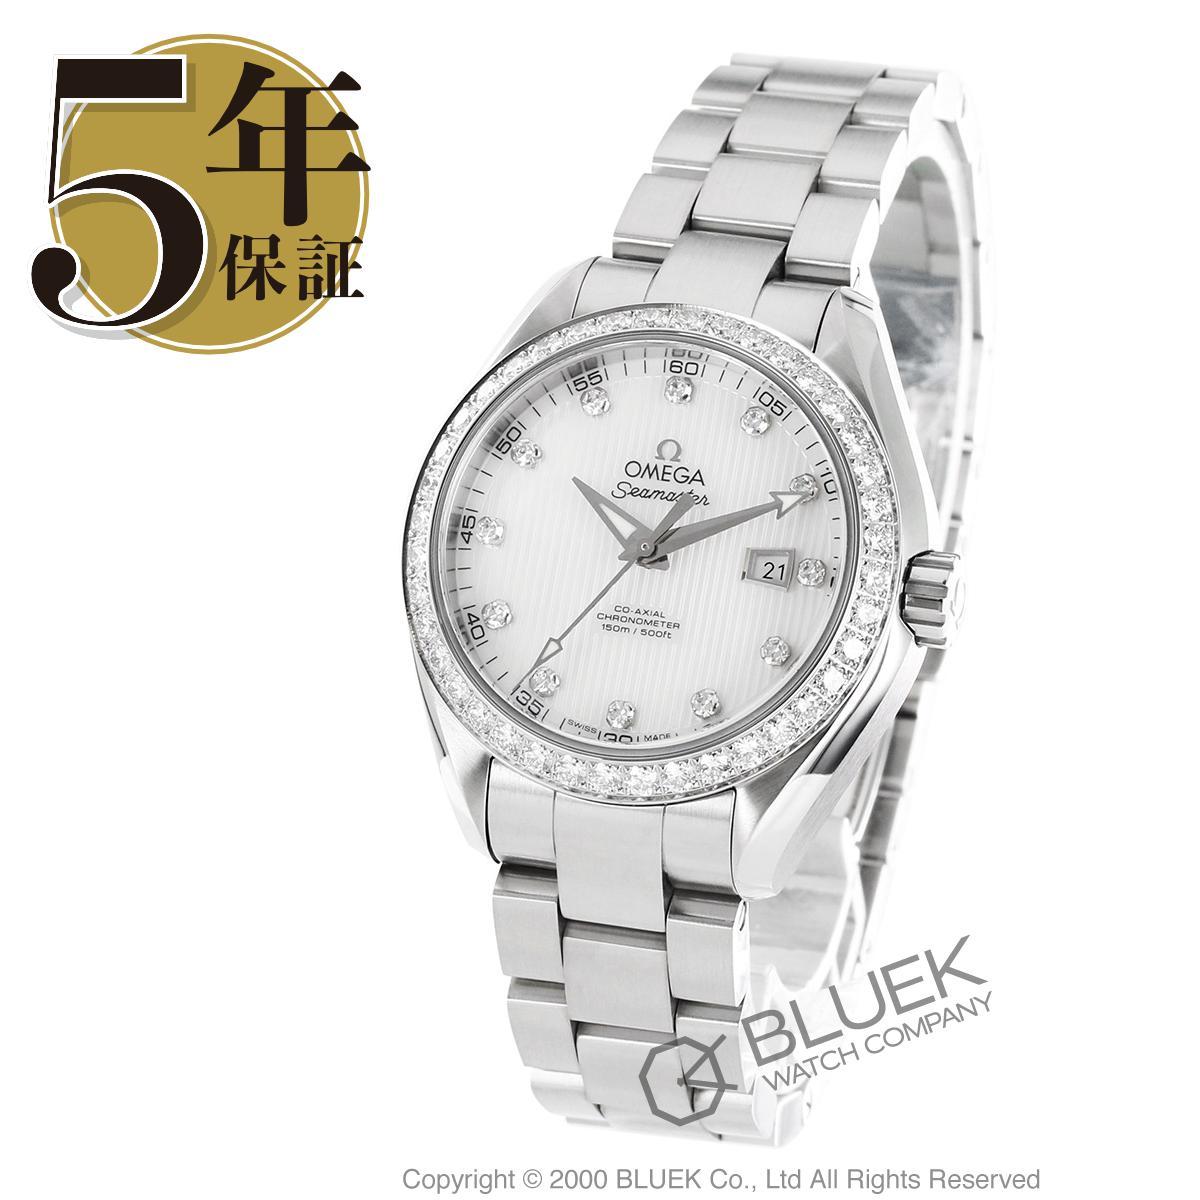 オメガ シーマスター アクアテラ ダイヤ 腕時計 レディース OMEGA 231.15.34.20.55.001_5